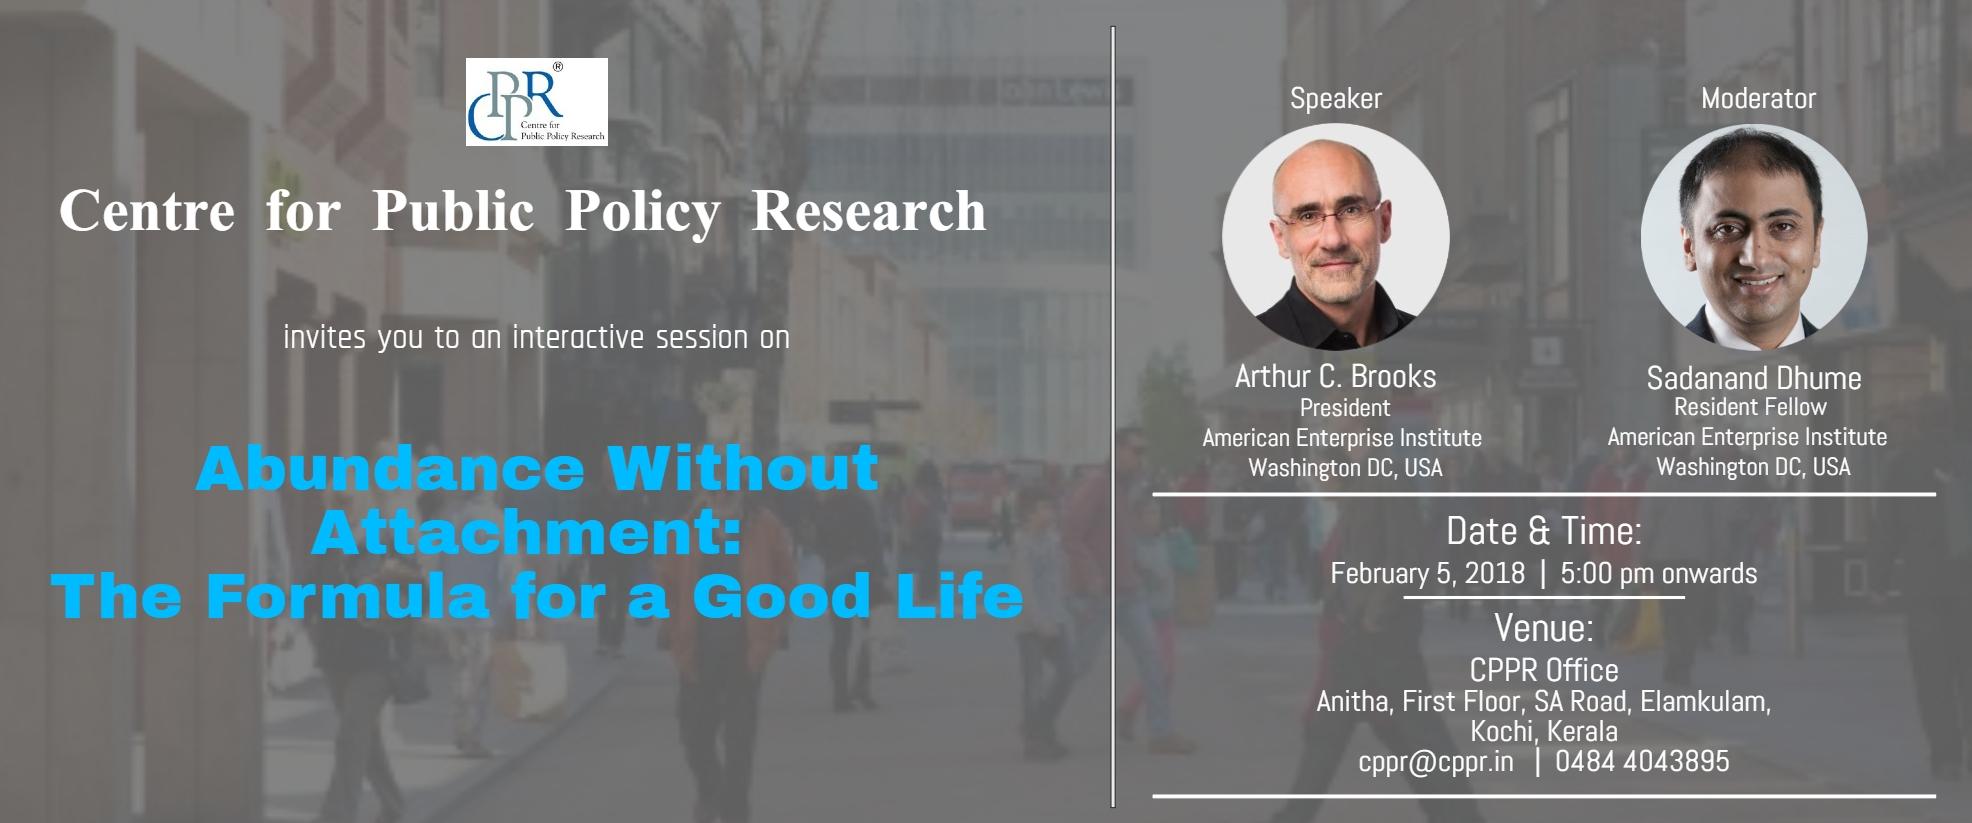 Feb 5th talk